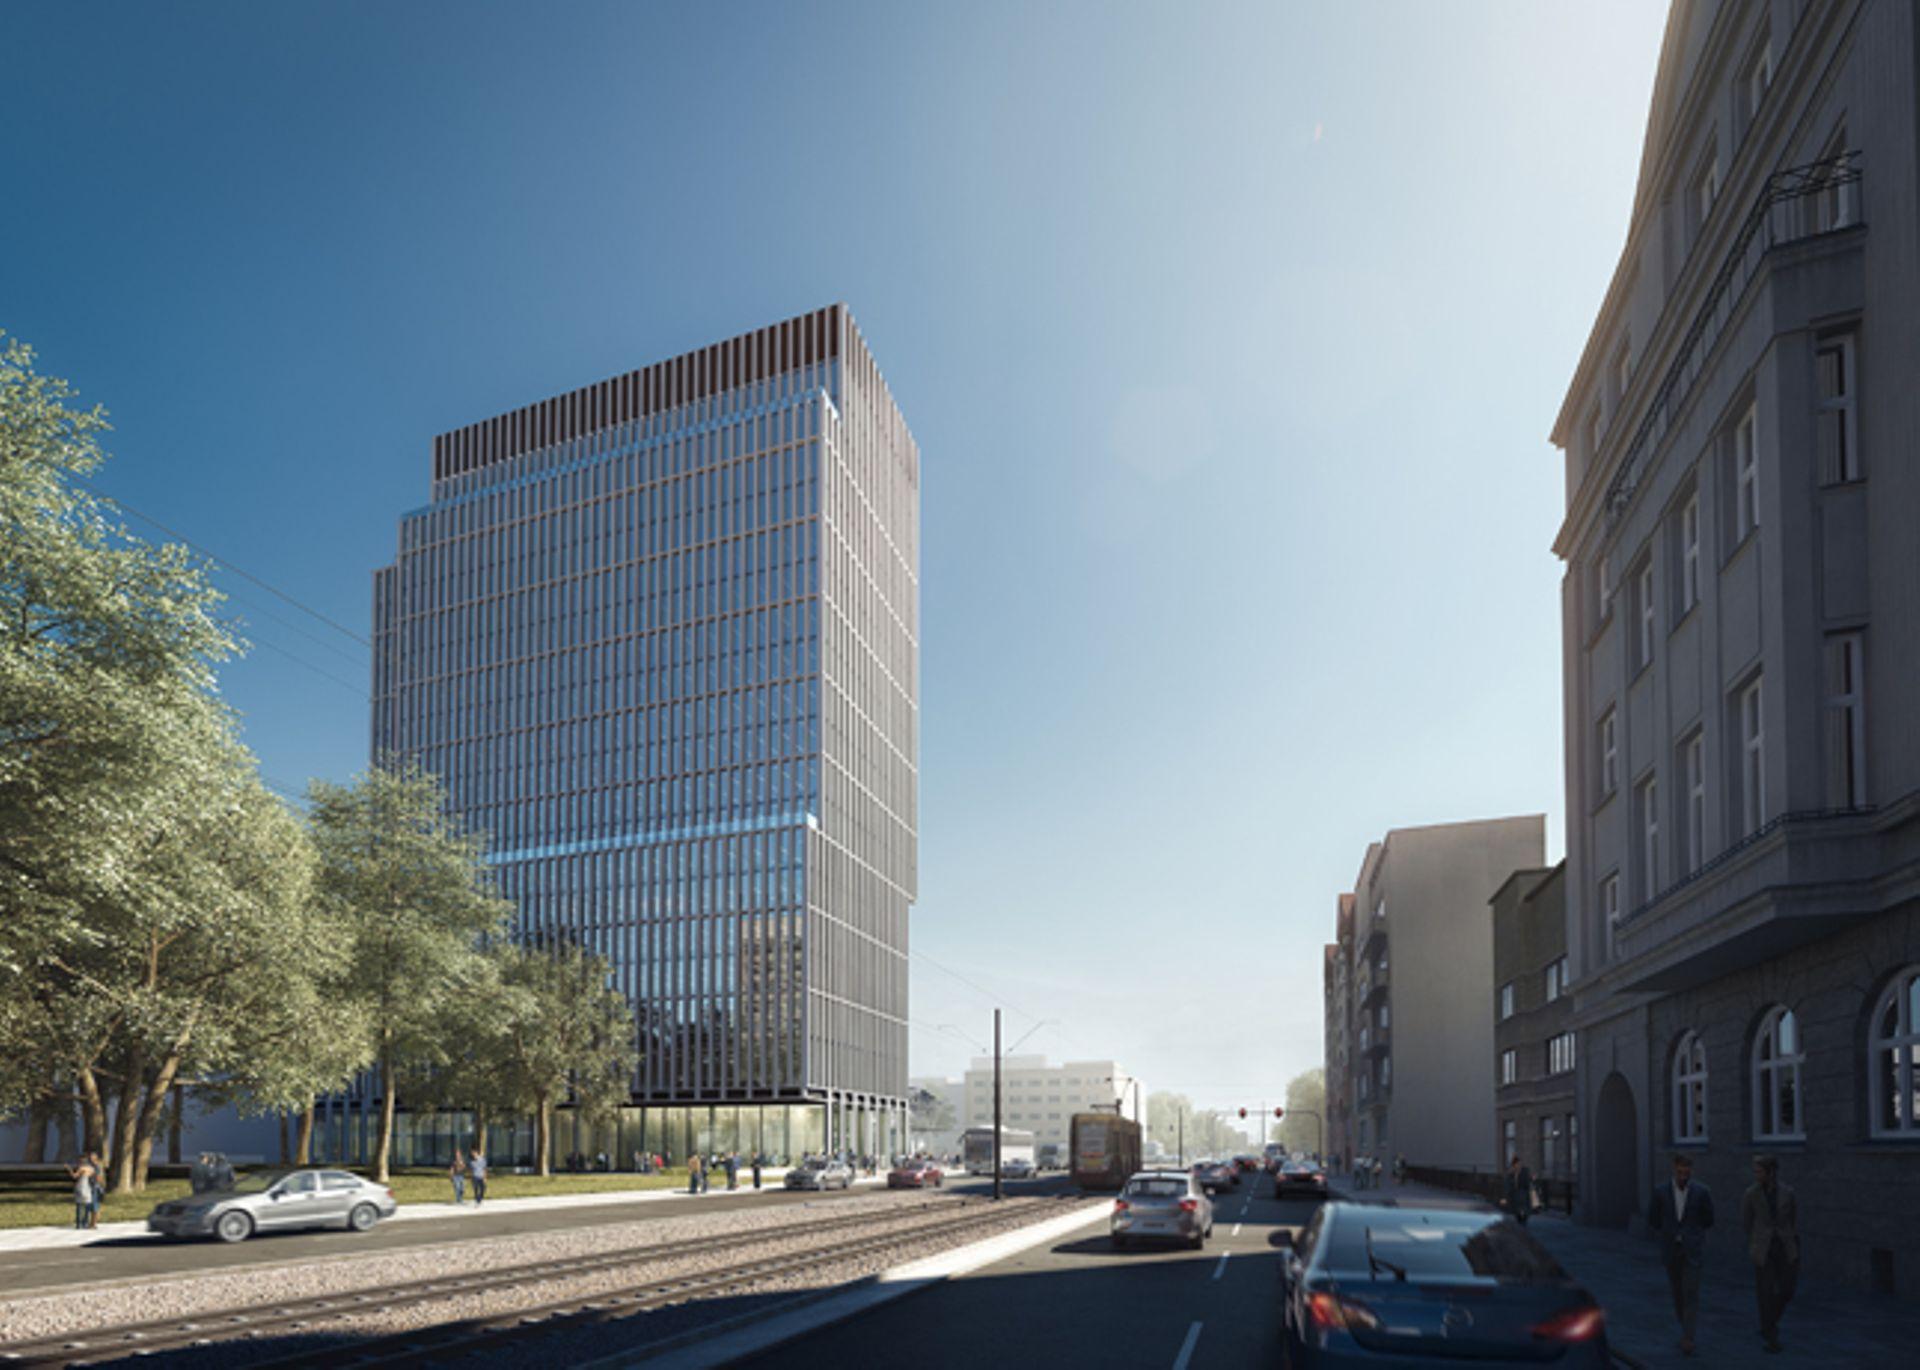 [Łódź] Wieża biurowa Hi Piotrkowska 155 w Łodzi pnie się w górę